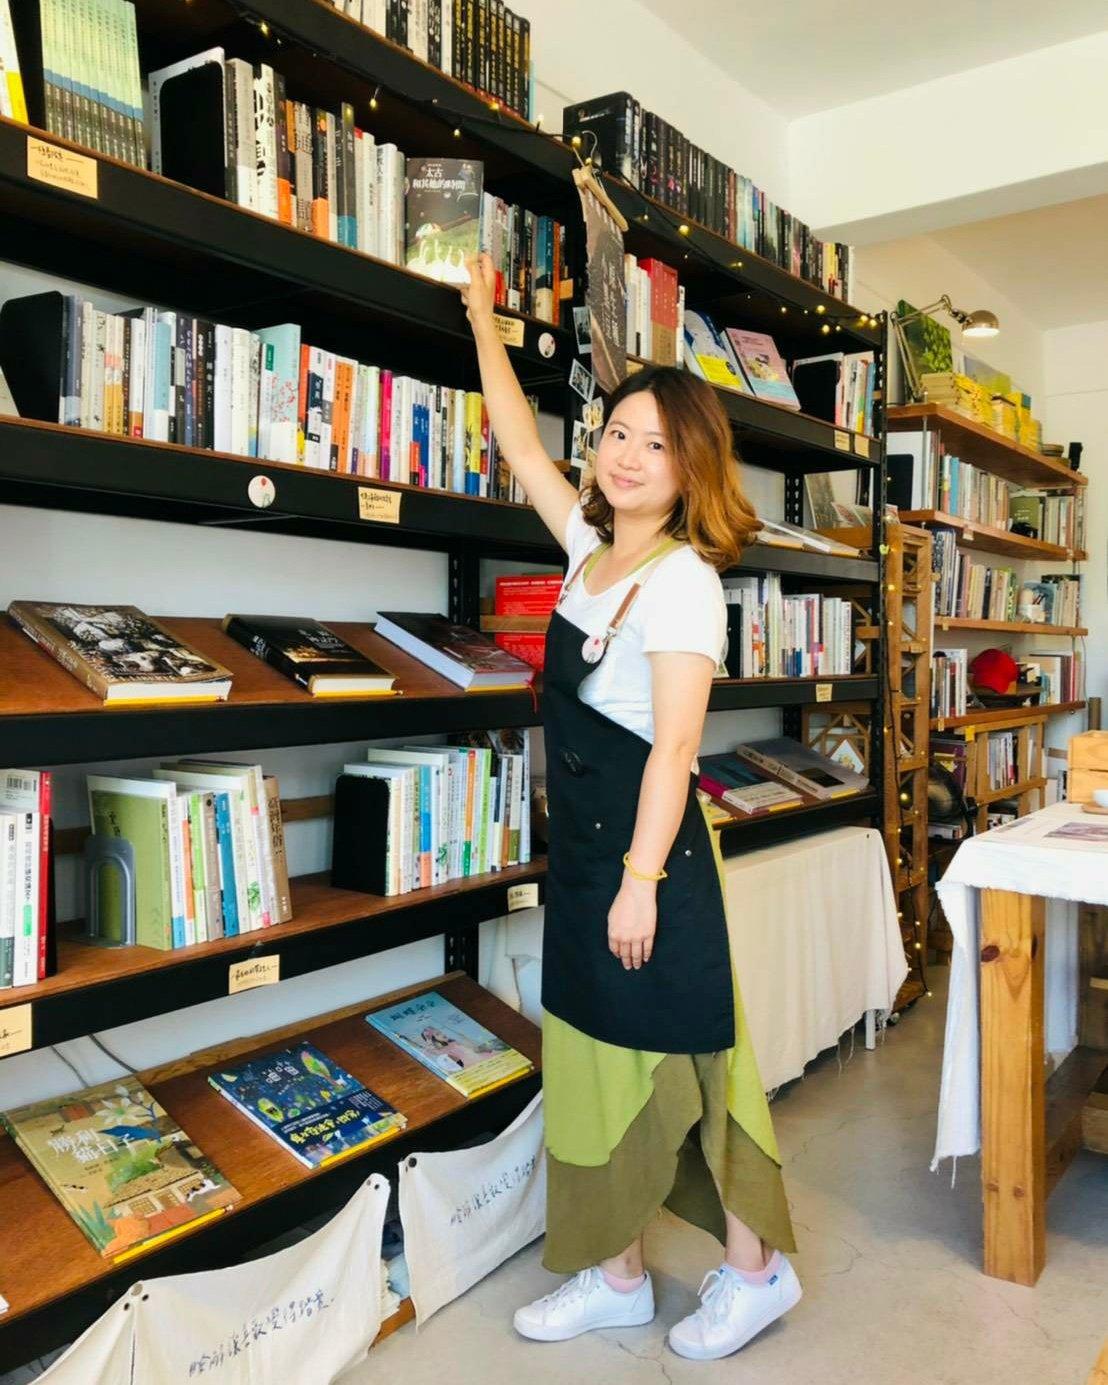 恆春鎮紅氣球書屋是南屏東唯一的獨立書局,來自各地的打工換宿小幫手,也被店主人的熱情感動。圖/郭德慧提供